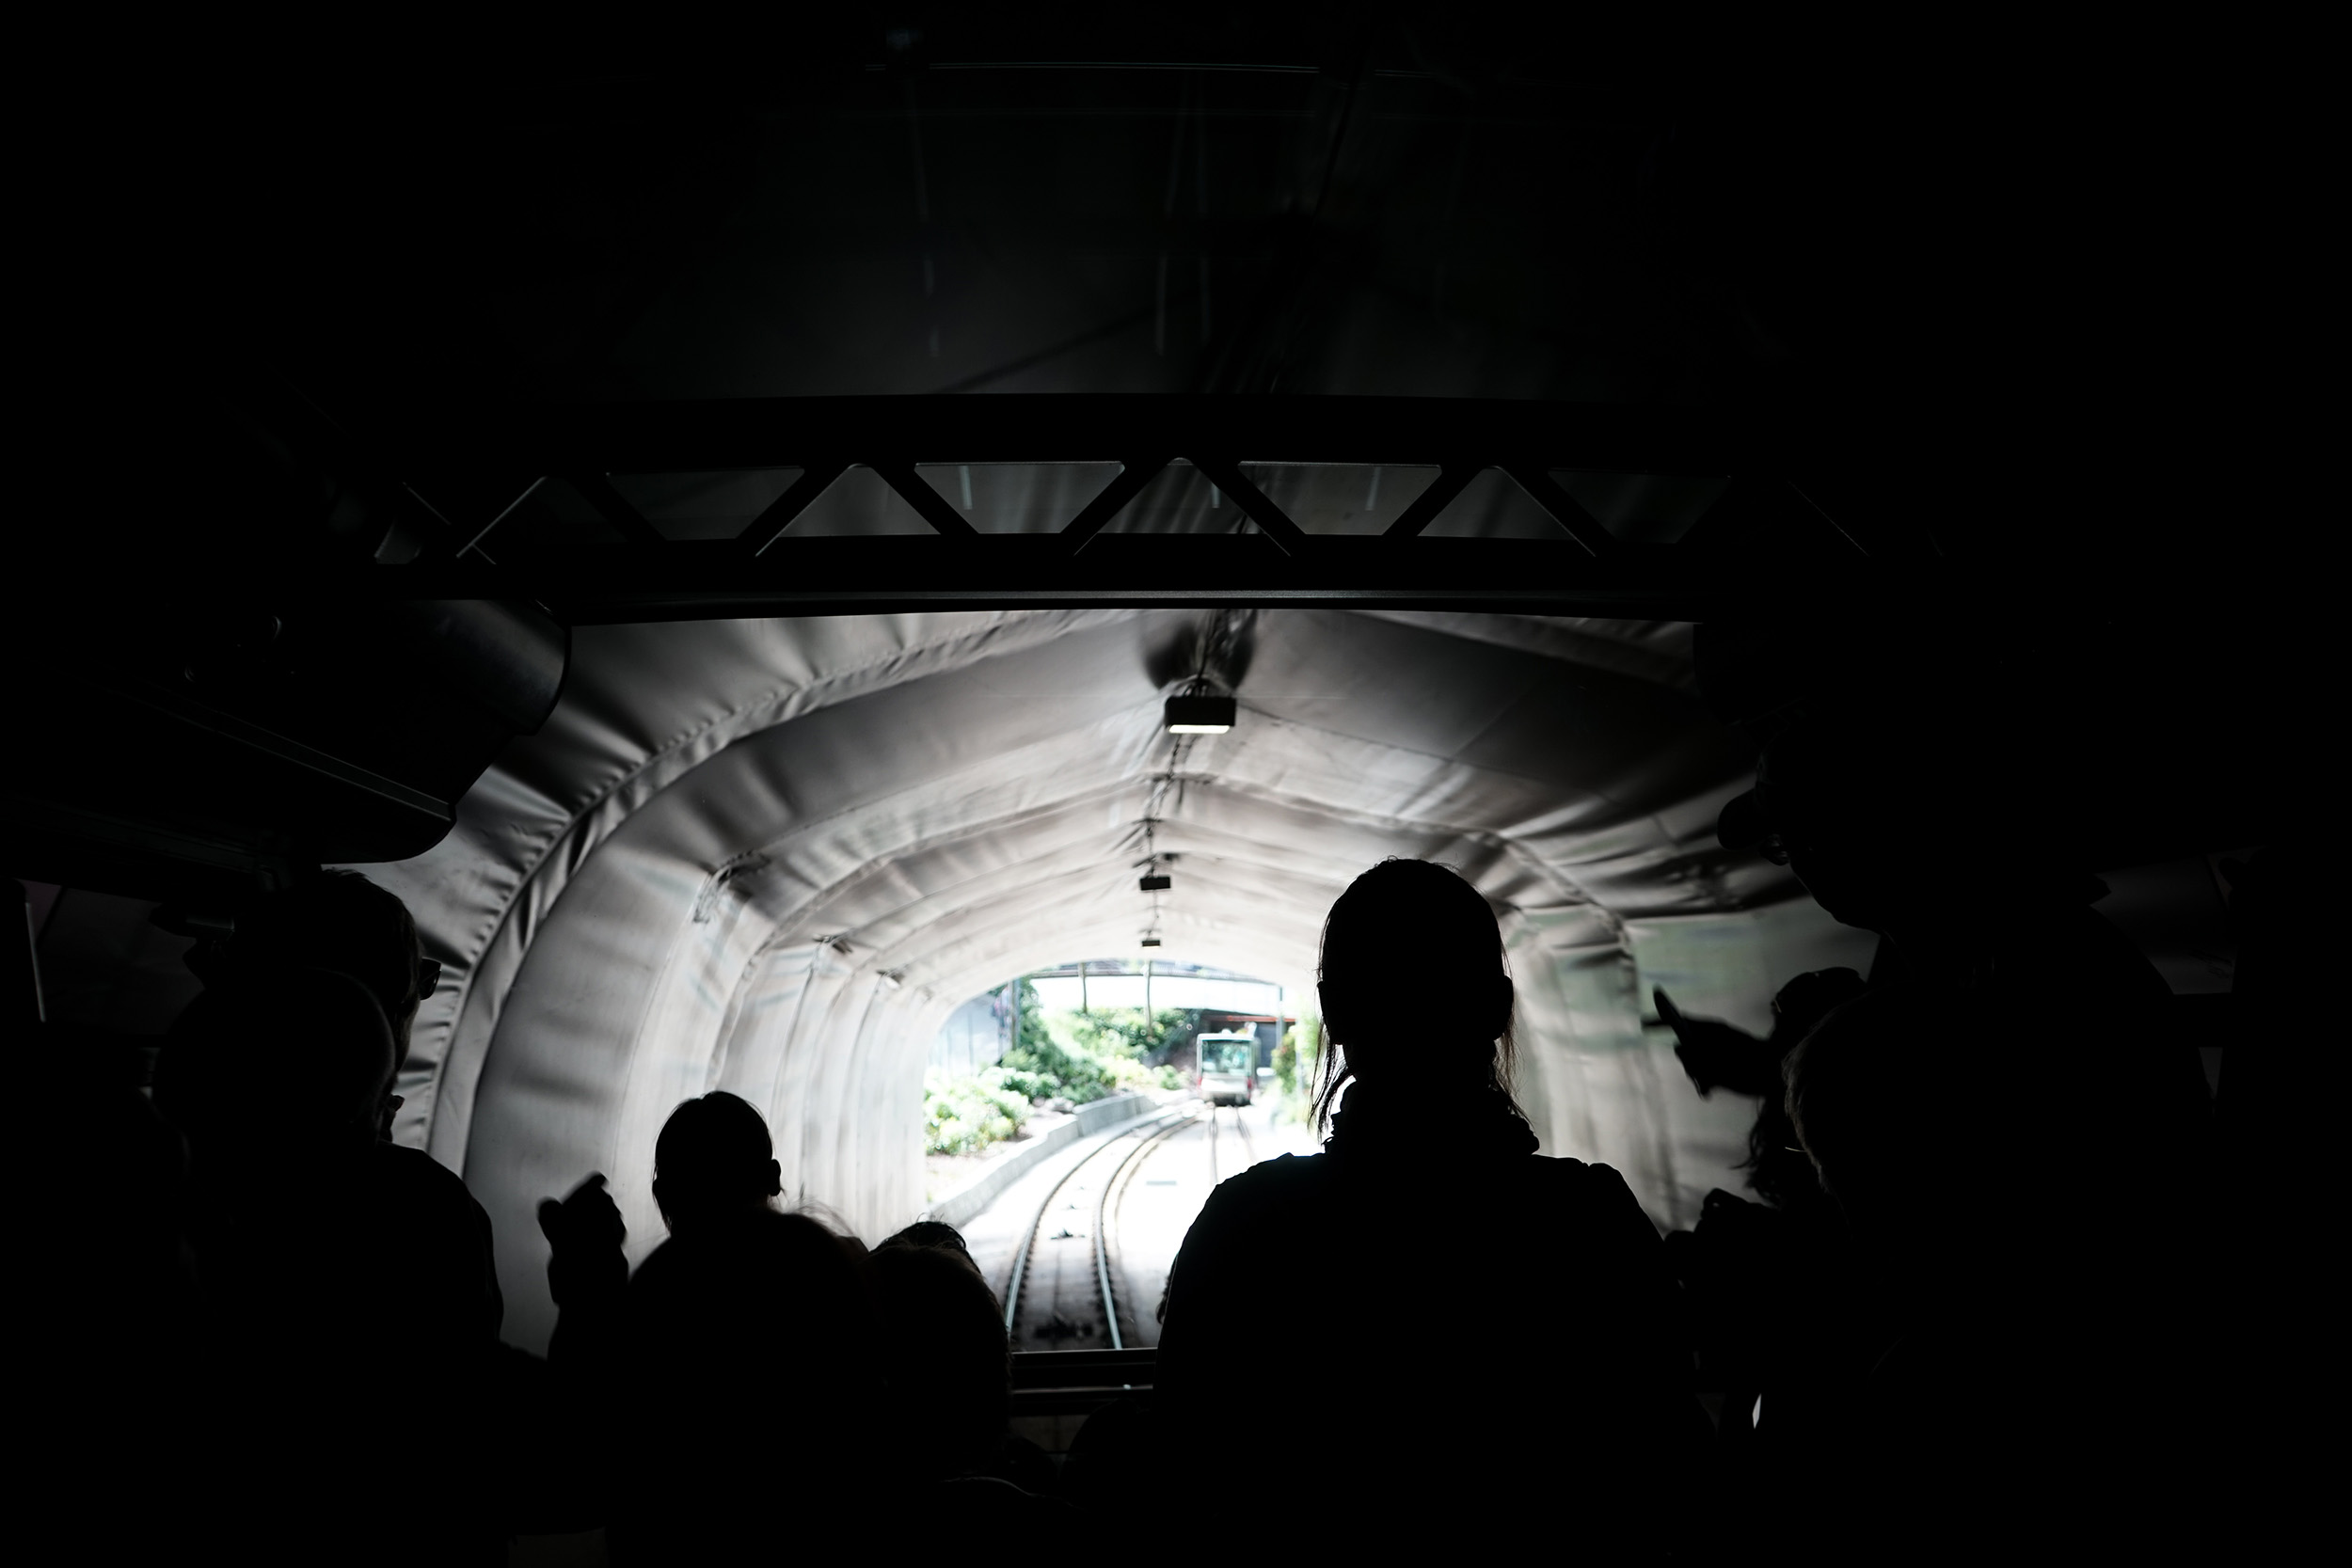 經過「小隧道」重見光明時,城市的樓房頓時變得模型般細小。